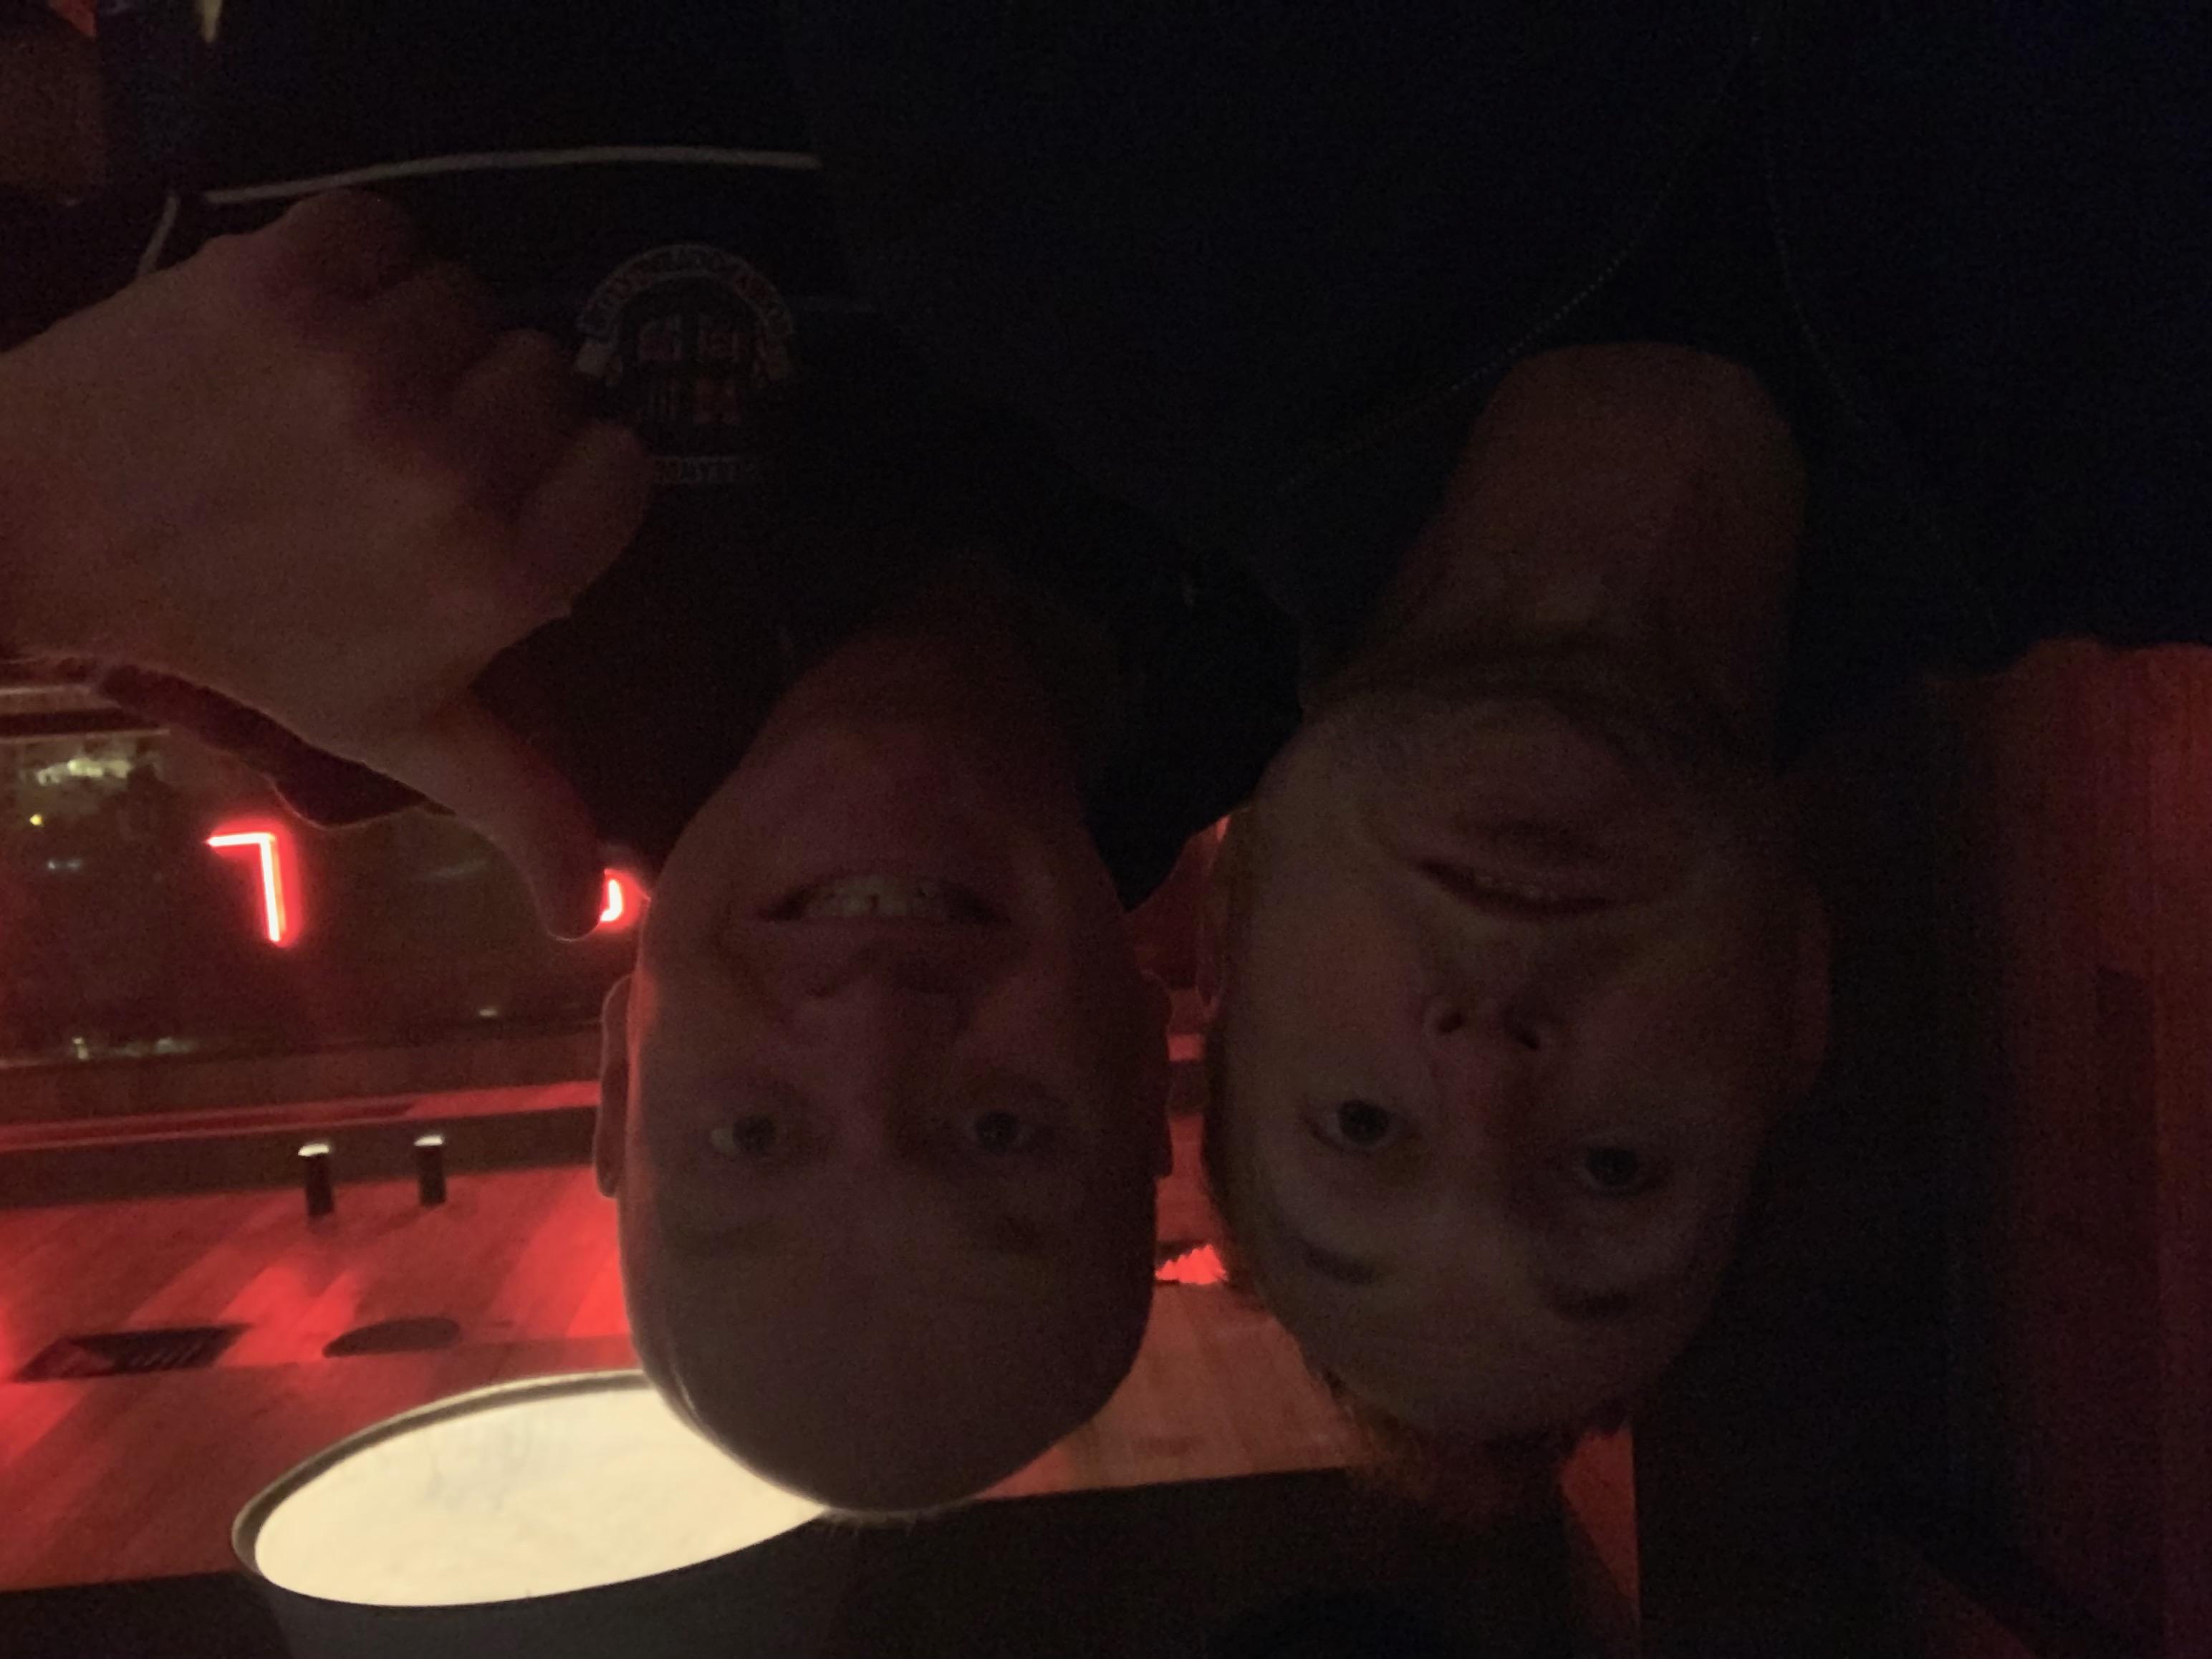 Brenton and Steve